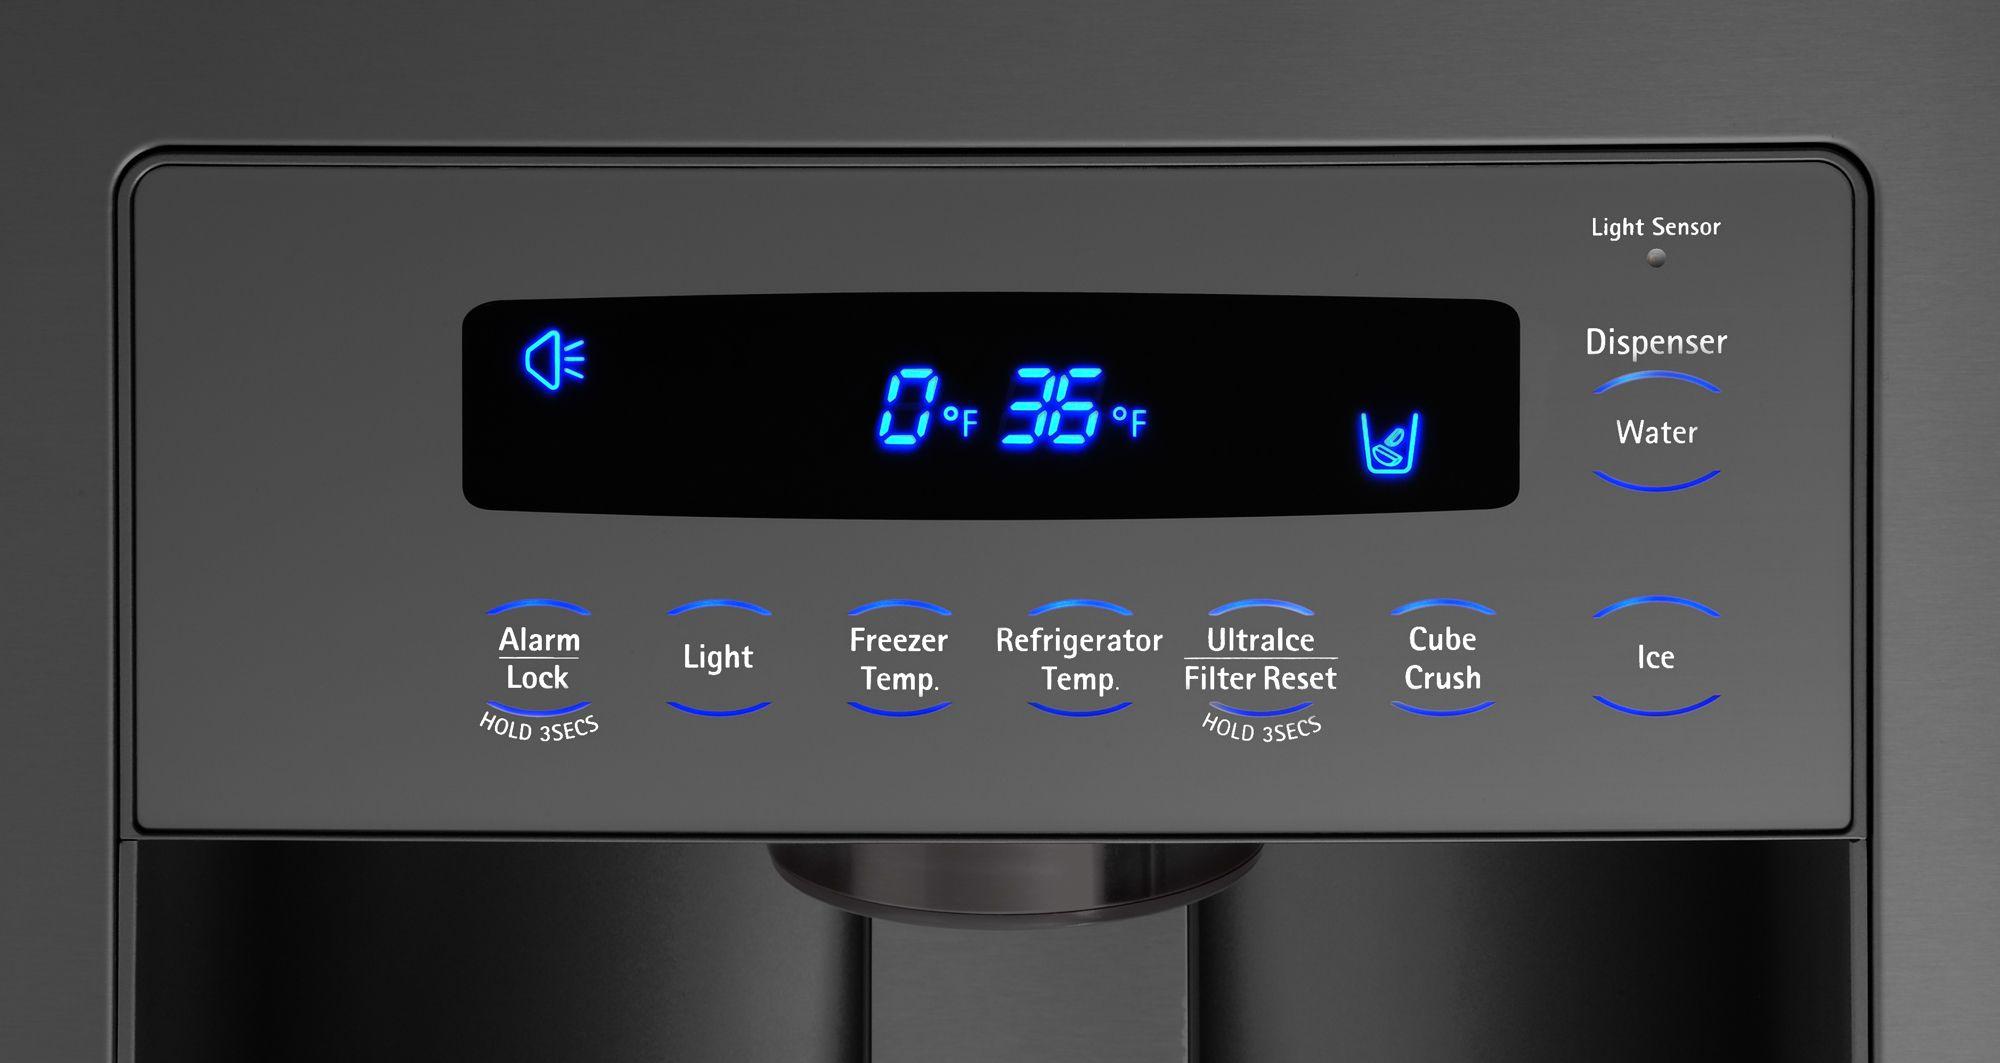 Kenmore Elite 27.6 cu. ft. French-Door Bottom Freezer Refrigerator (7978)